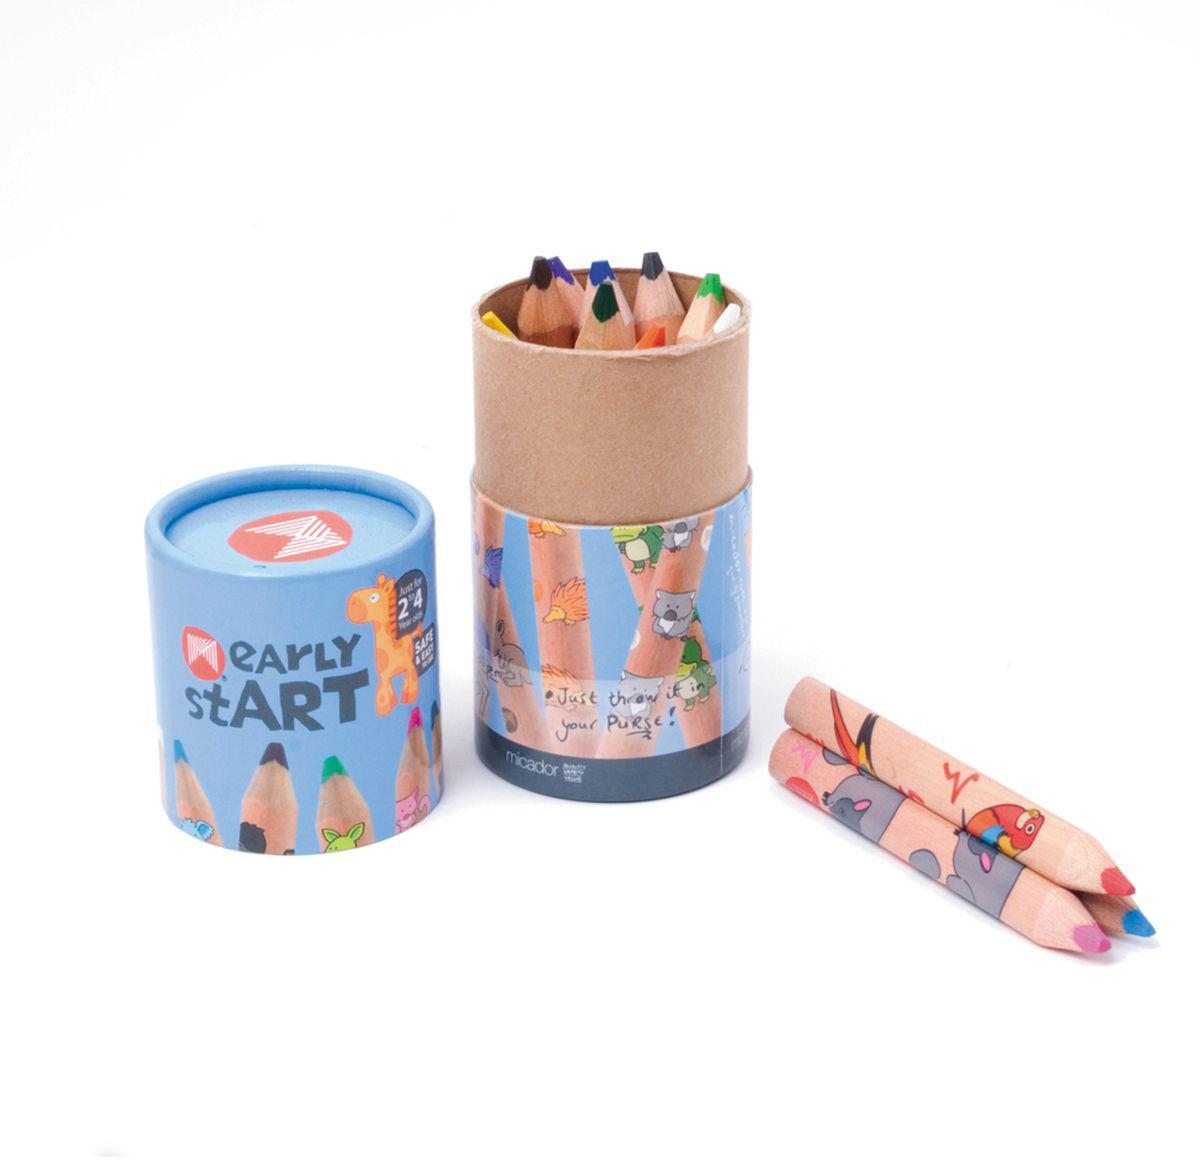 Micador Цветные карандаши 12 цветовESJP12Многообразие ярких и насыщенных цветов, которые не оставят равнодушным ни одного ребенка. Благодаря высокому качеству древесной оболочки, обеспечивается ровное и гладкое затачивание что исключает покупать все новые и новые карандаши. Грифель имеет больший диаметр, чем обычно, что позволит не так часто затачивать карандаши, а так же позволяет намного быстрее и без дополнительных усилий разукрашивать большие рисунки. Карандаши не крошатся при рисовании, не трескаются при падении, легко затачиваются. Очень прочные треугольные карандаши специально для маленьких ручек, чтобы малыши учились правильно держать. Высококачественные пигменты обеспечивают яркость и мягкость письма на любой бумаге. Карандаши упакованы в коробочку цилиндрической формы, в которой их очень удобно брать с собой и рисовать, где захочется.